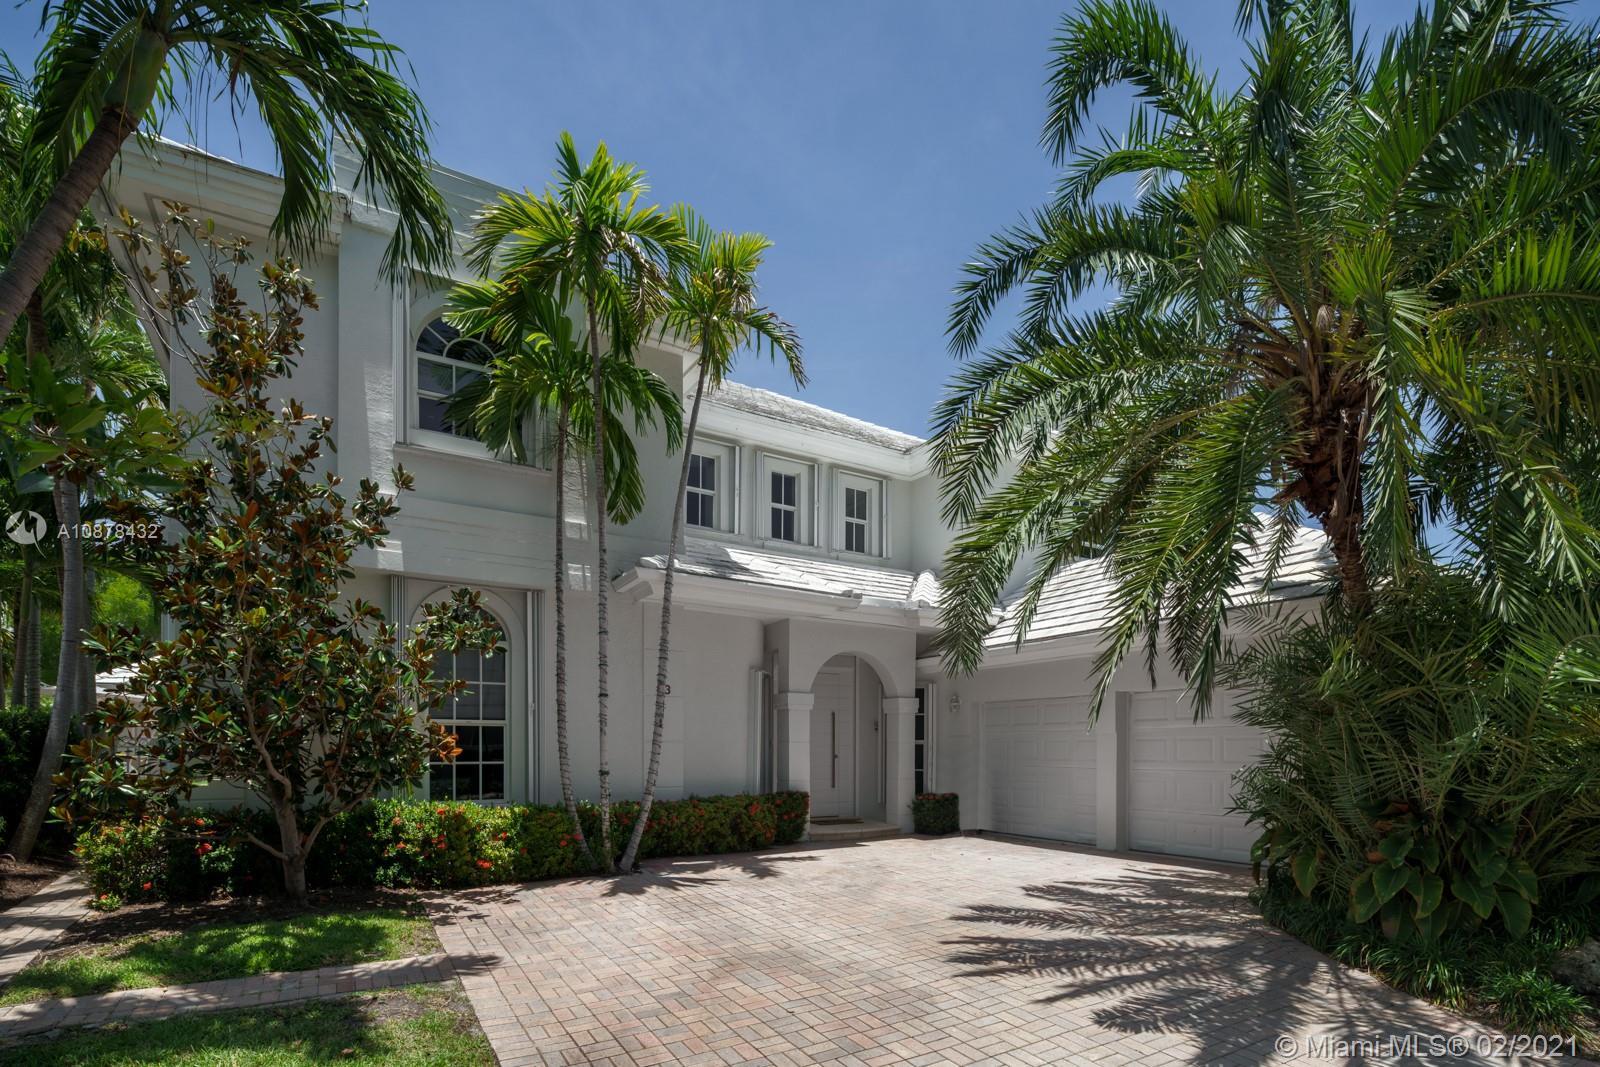 13 Grand Bay Estates Cir, Key Biscayne, Florida 33149, 6 Bedrooms Bedrooms, ,7 BathroomsBathrooms,Residential,For Sale,13 Grand Bay Estates Cir,A10878432